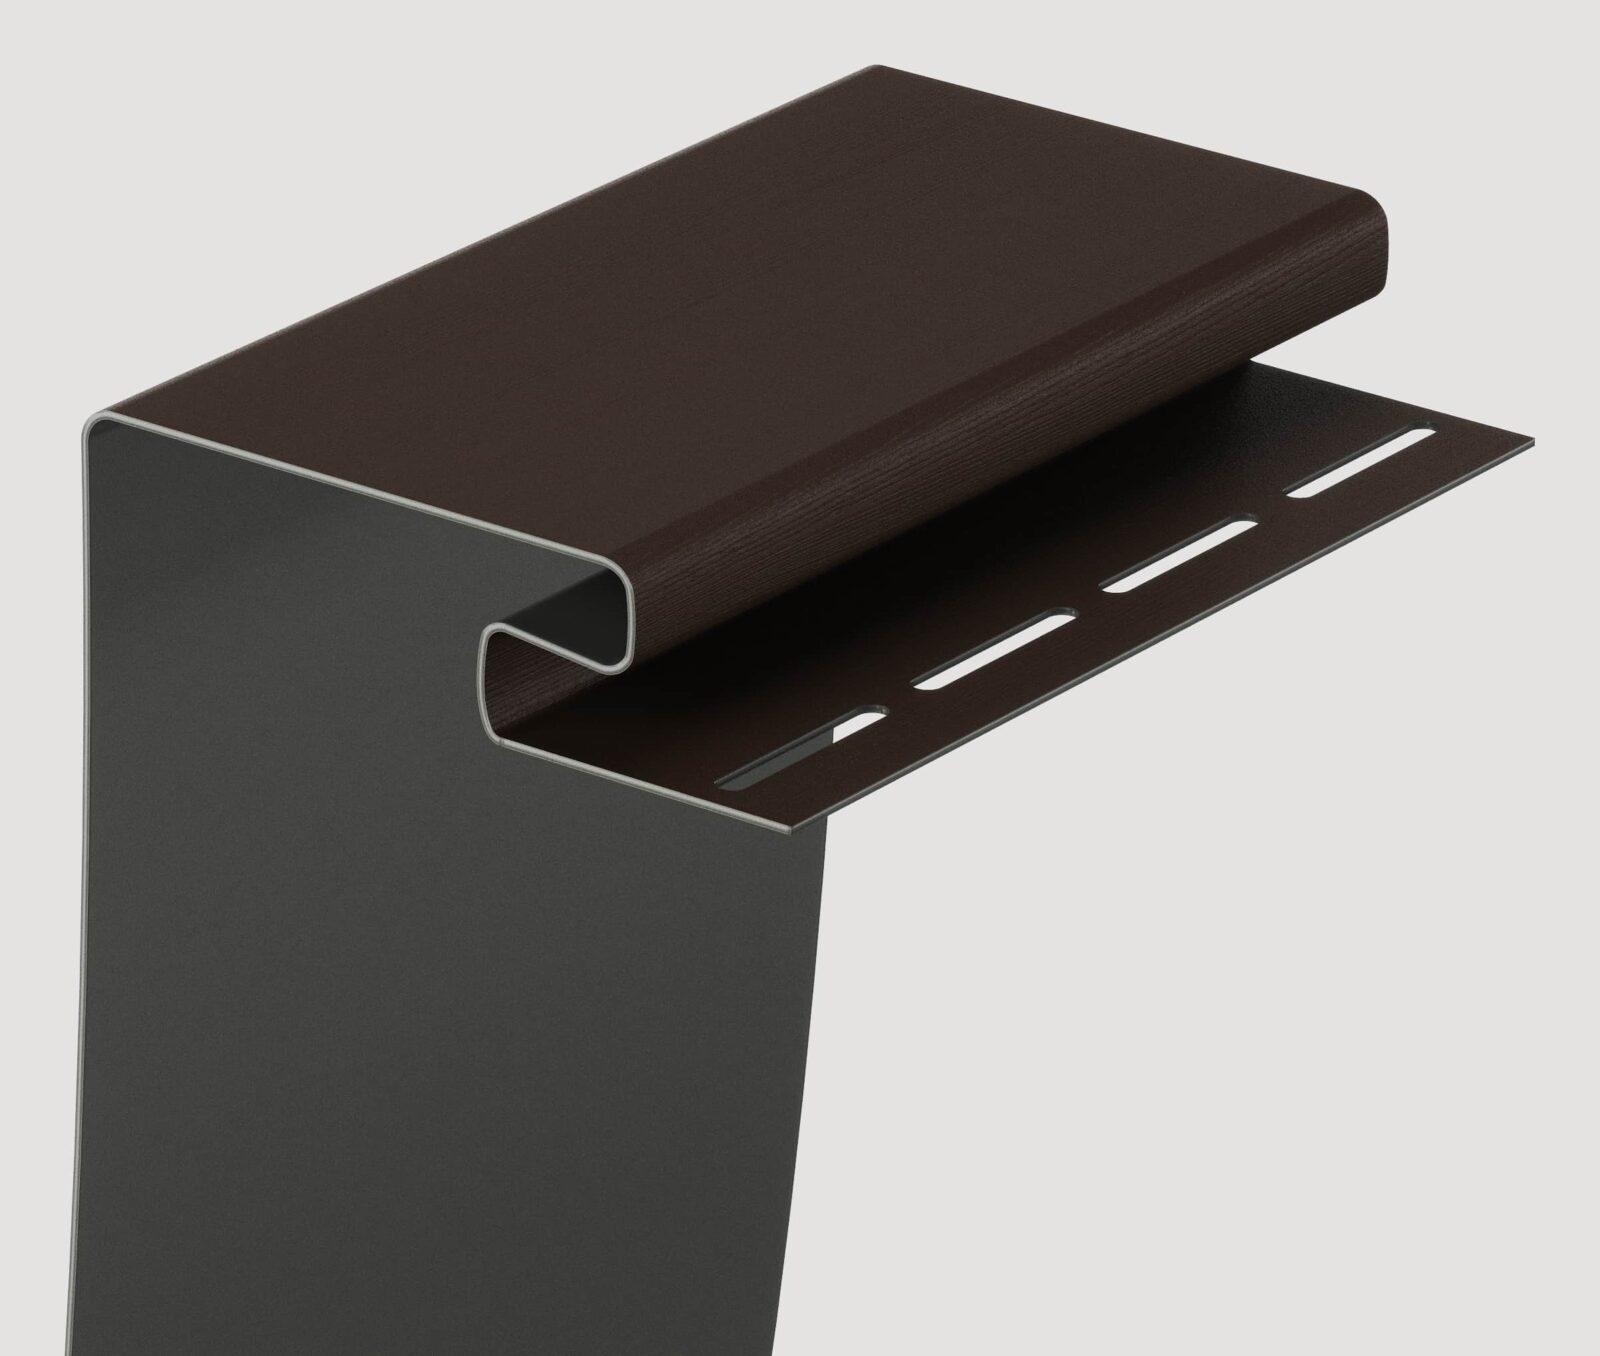 Околооконный профиль Шоколад 3600 мм